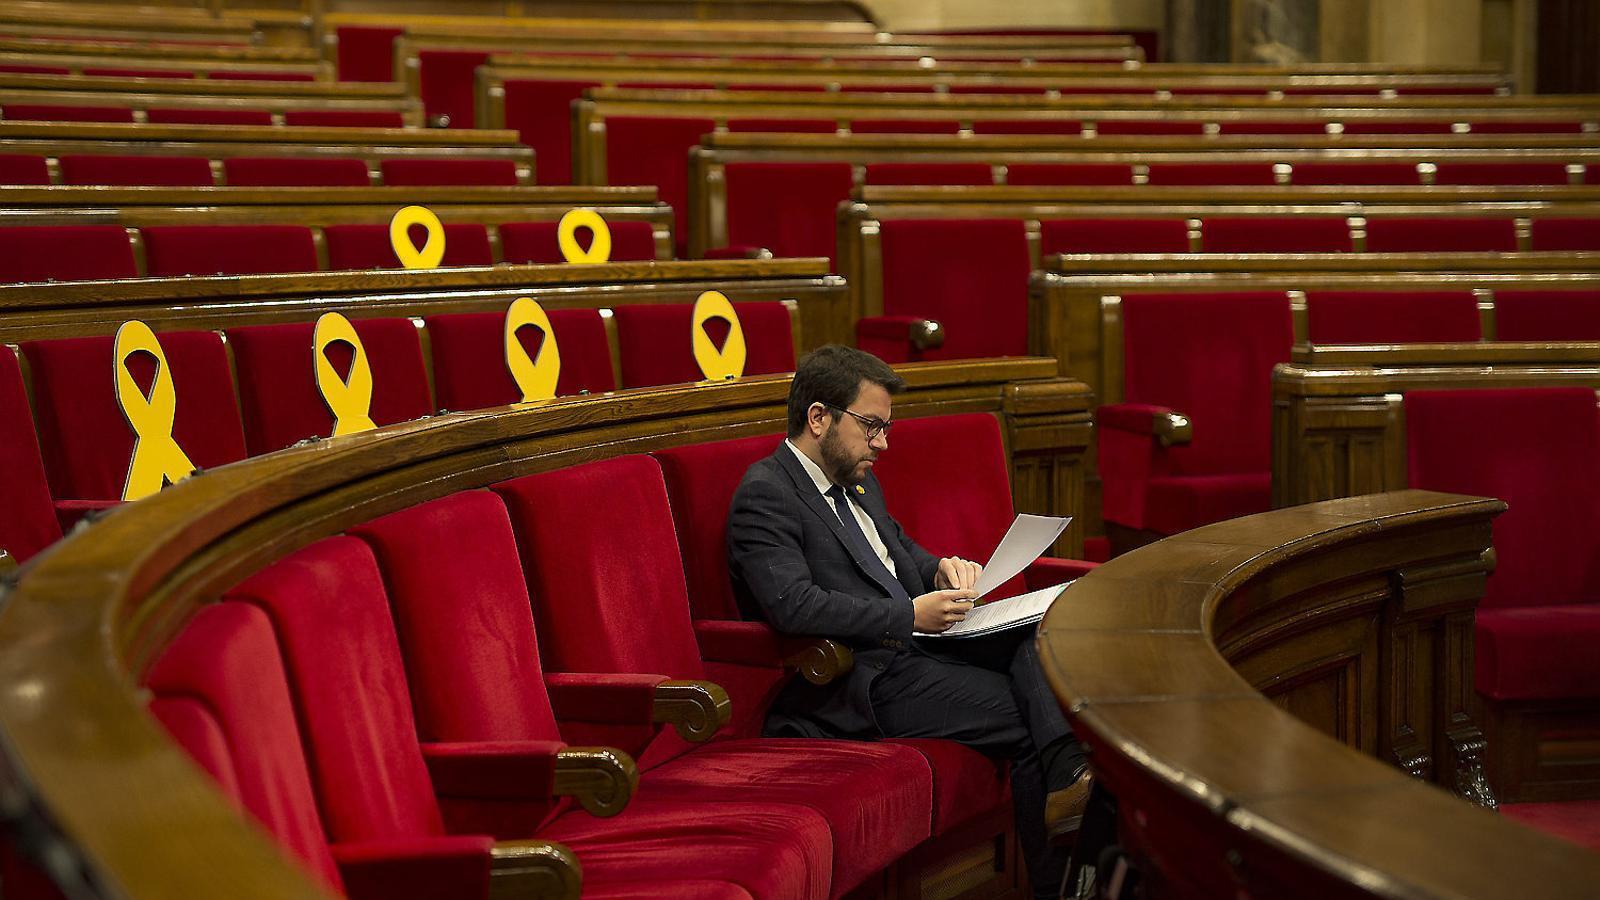 El vicepresident econòmic, Pere Aragonès, presentarà aquesta setmana els pressupostos de la Generalitat per al 2019.